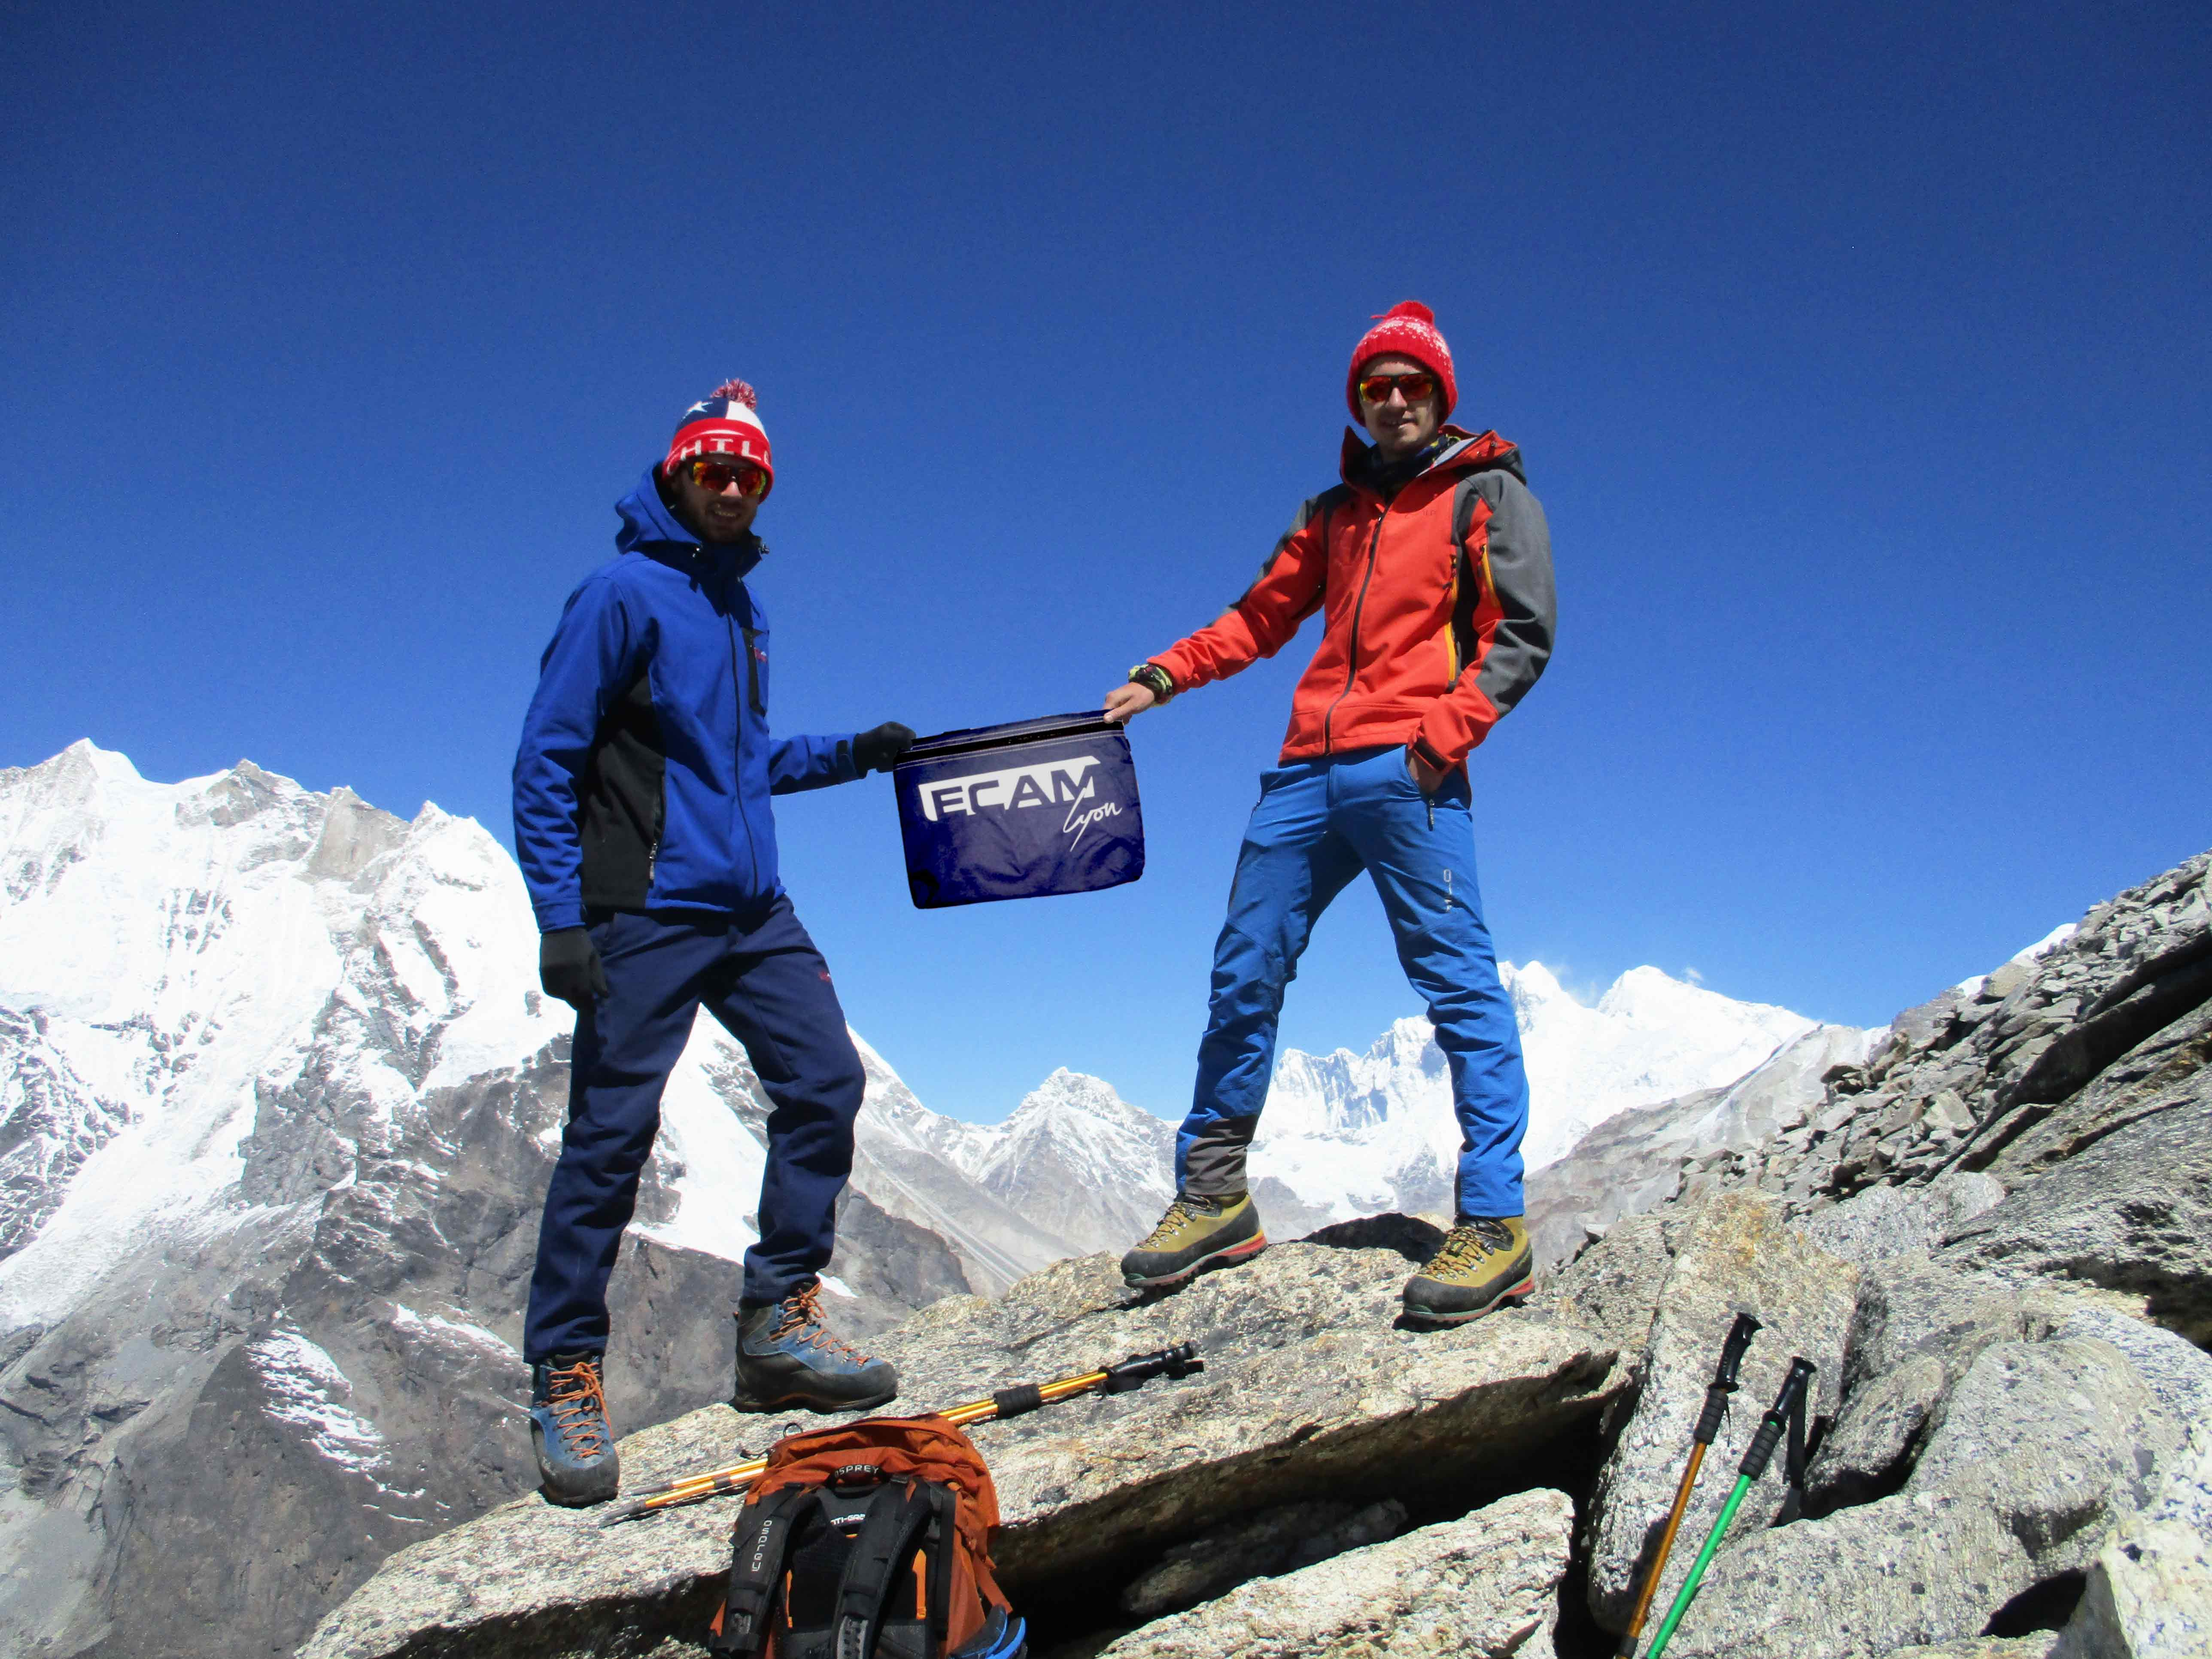 etudiant-ecam-cesure-nepal